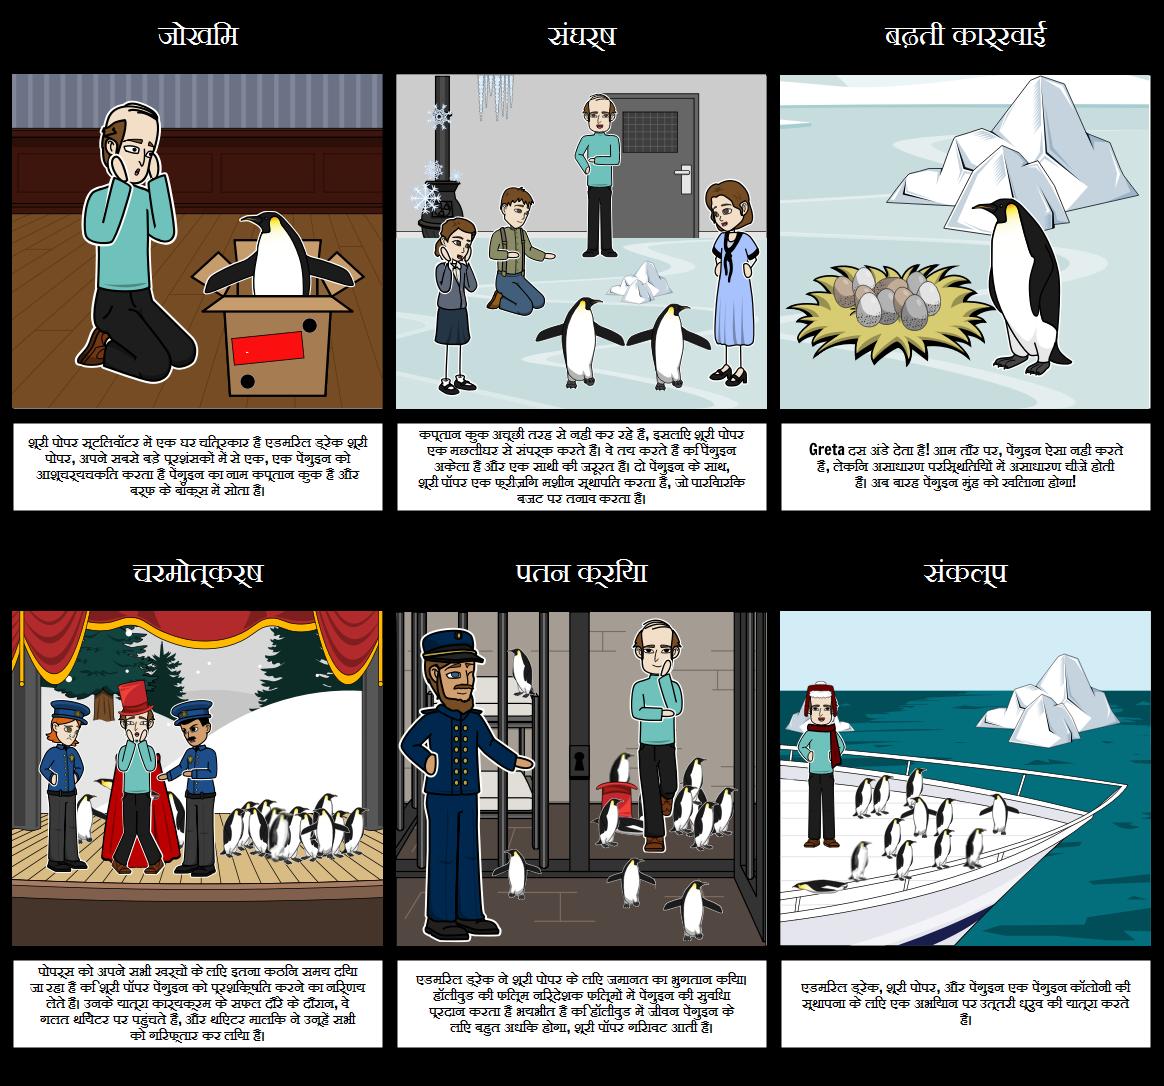 श्री पॉपर पेंगुइन - प्लॉट आरेख